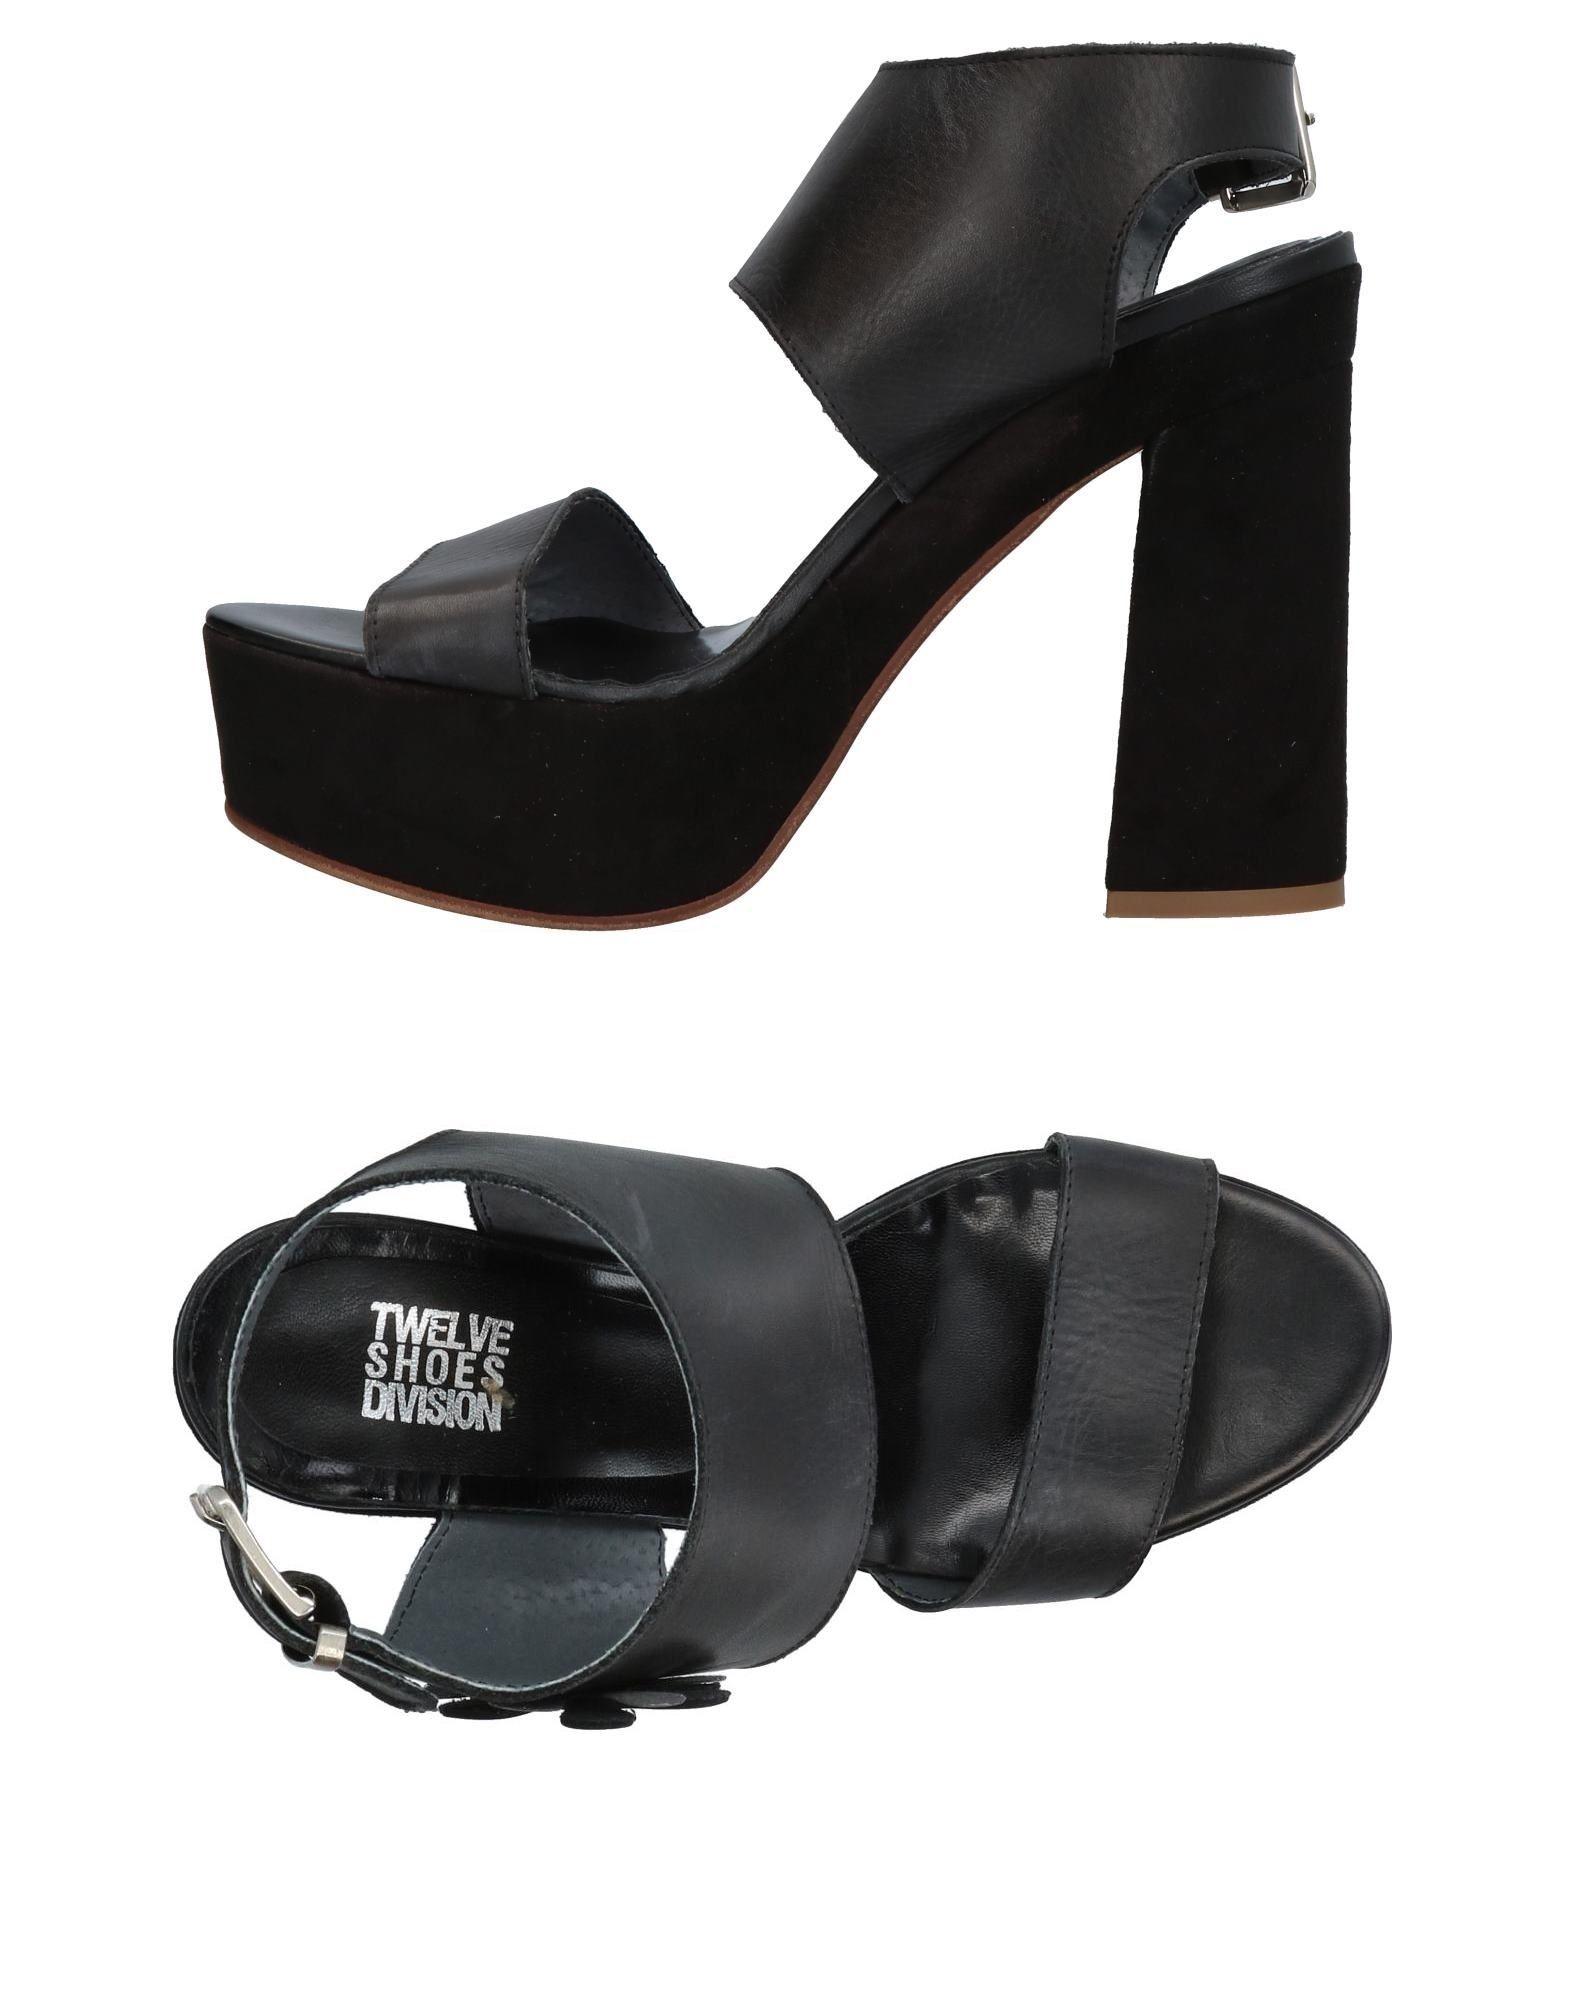 Tsd12 Sandalen Damen  11337853HB Gute Qualität beliebte Schuhe